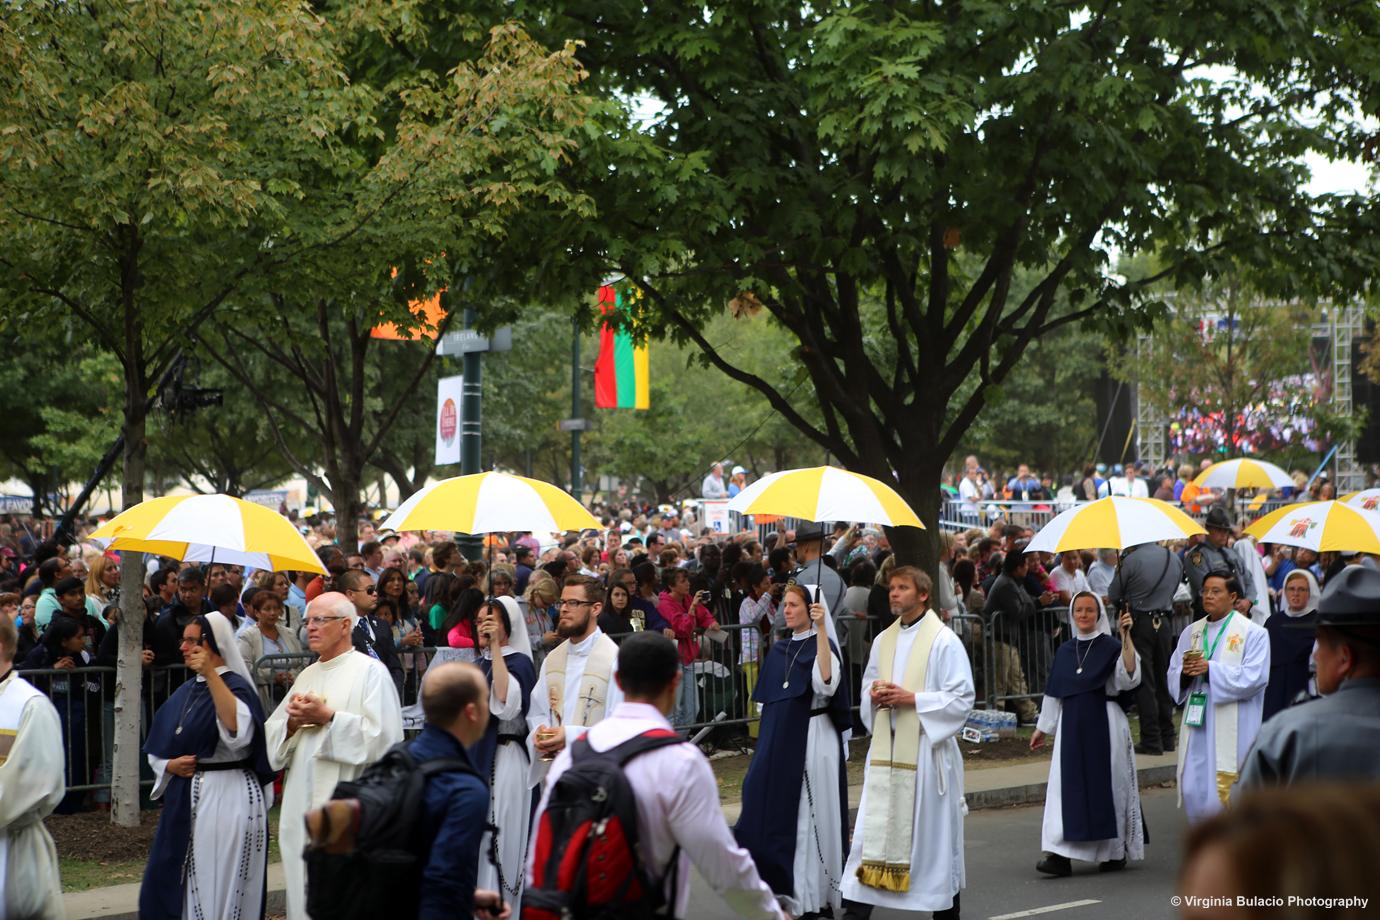 Durante la misa, decenas de sacerdotes, obispos y ministros de eucaristía distribuyeron entre la multitud hostias, o pan de comunión.